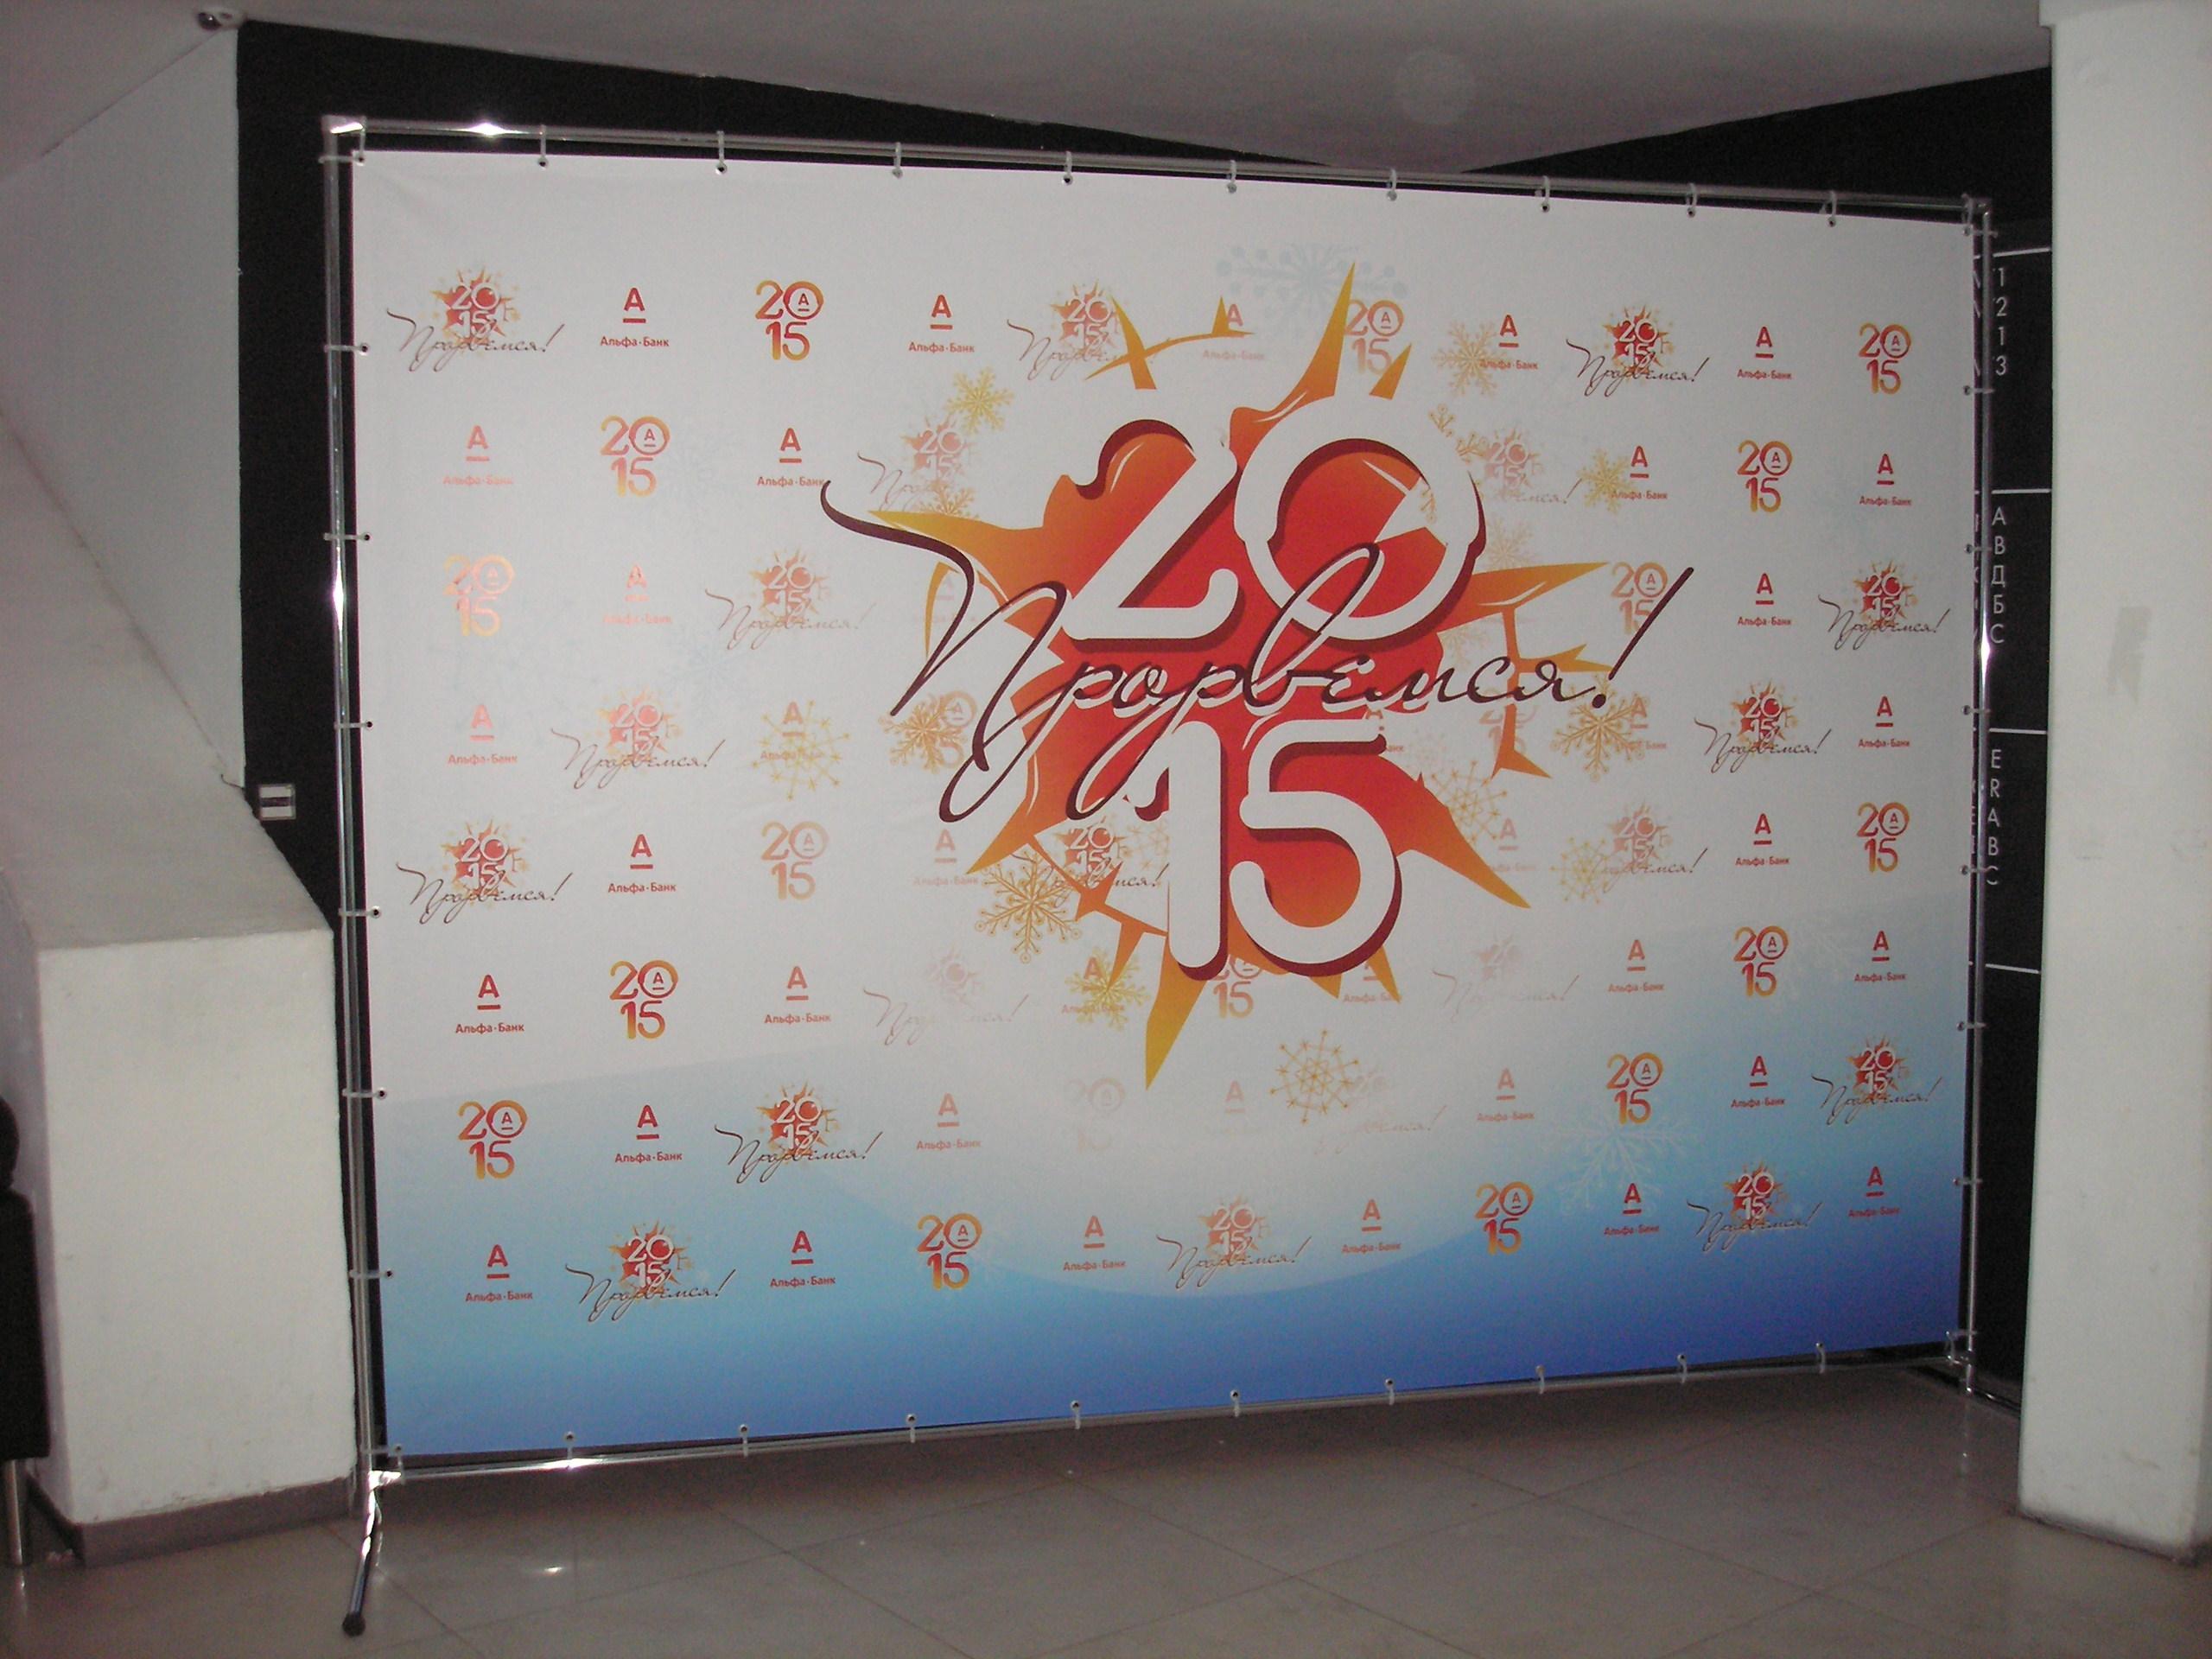 фото как называется фон для фотосессии с логотипом провела